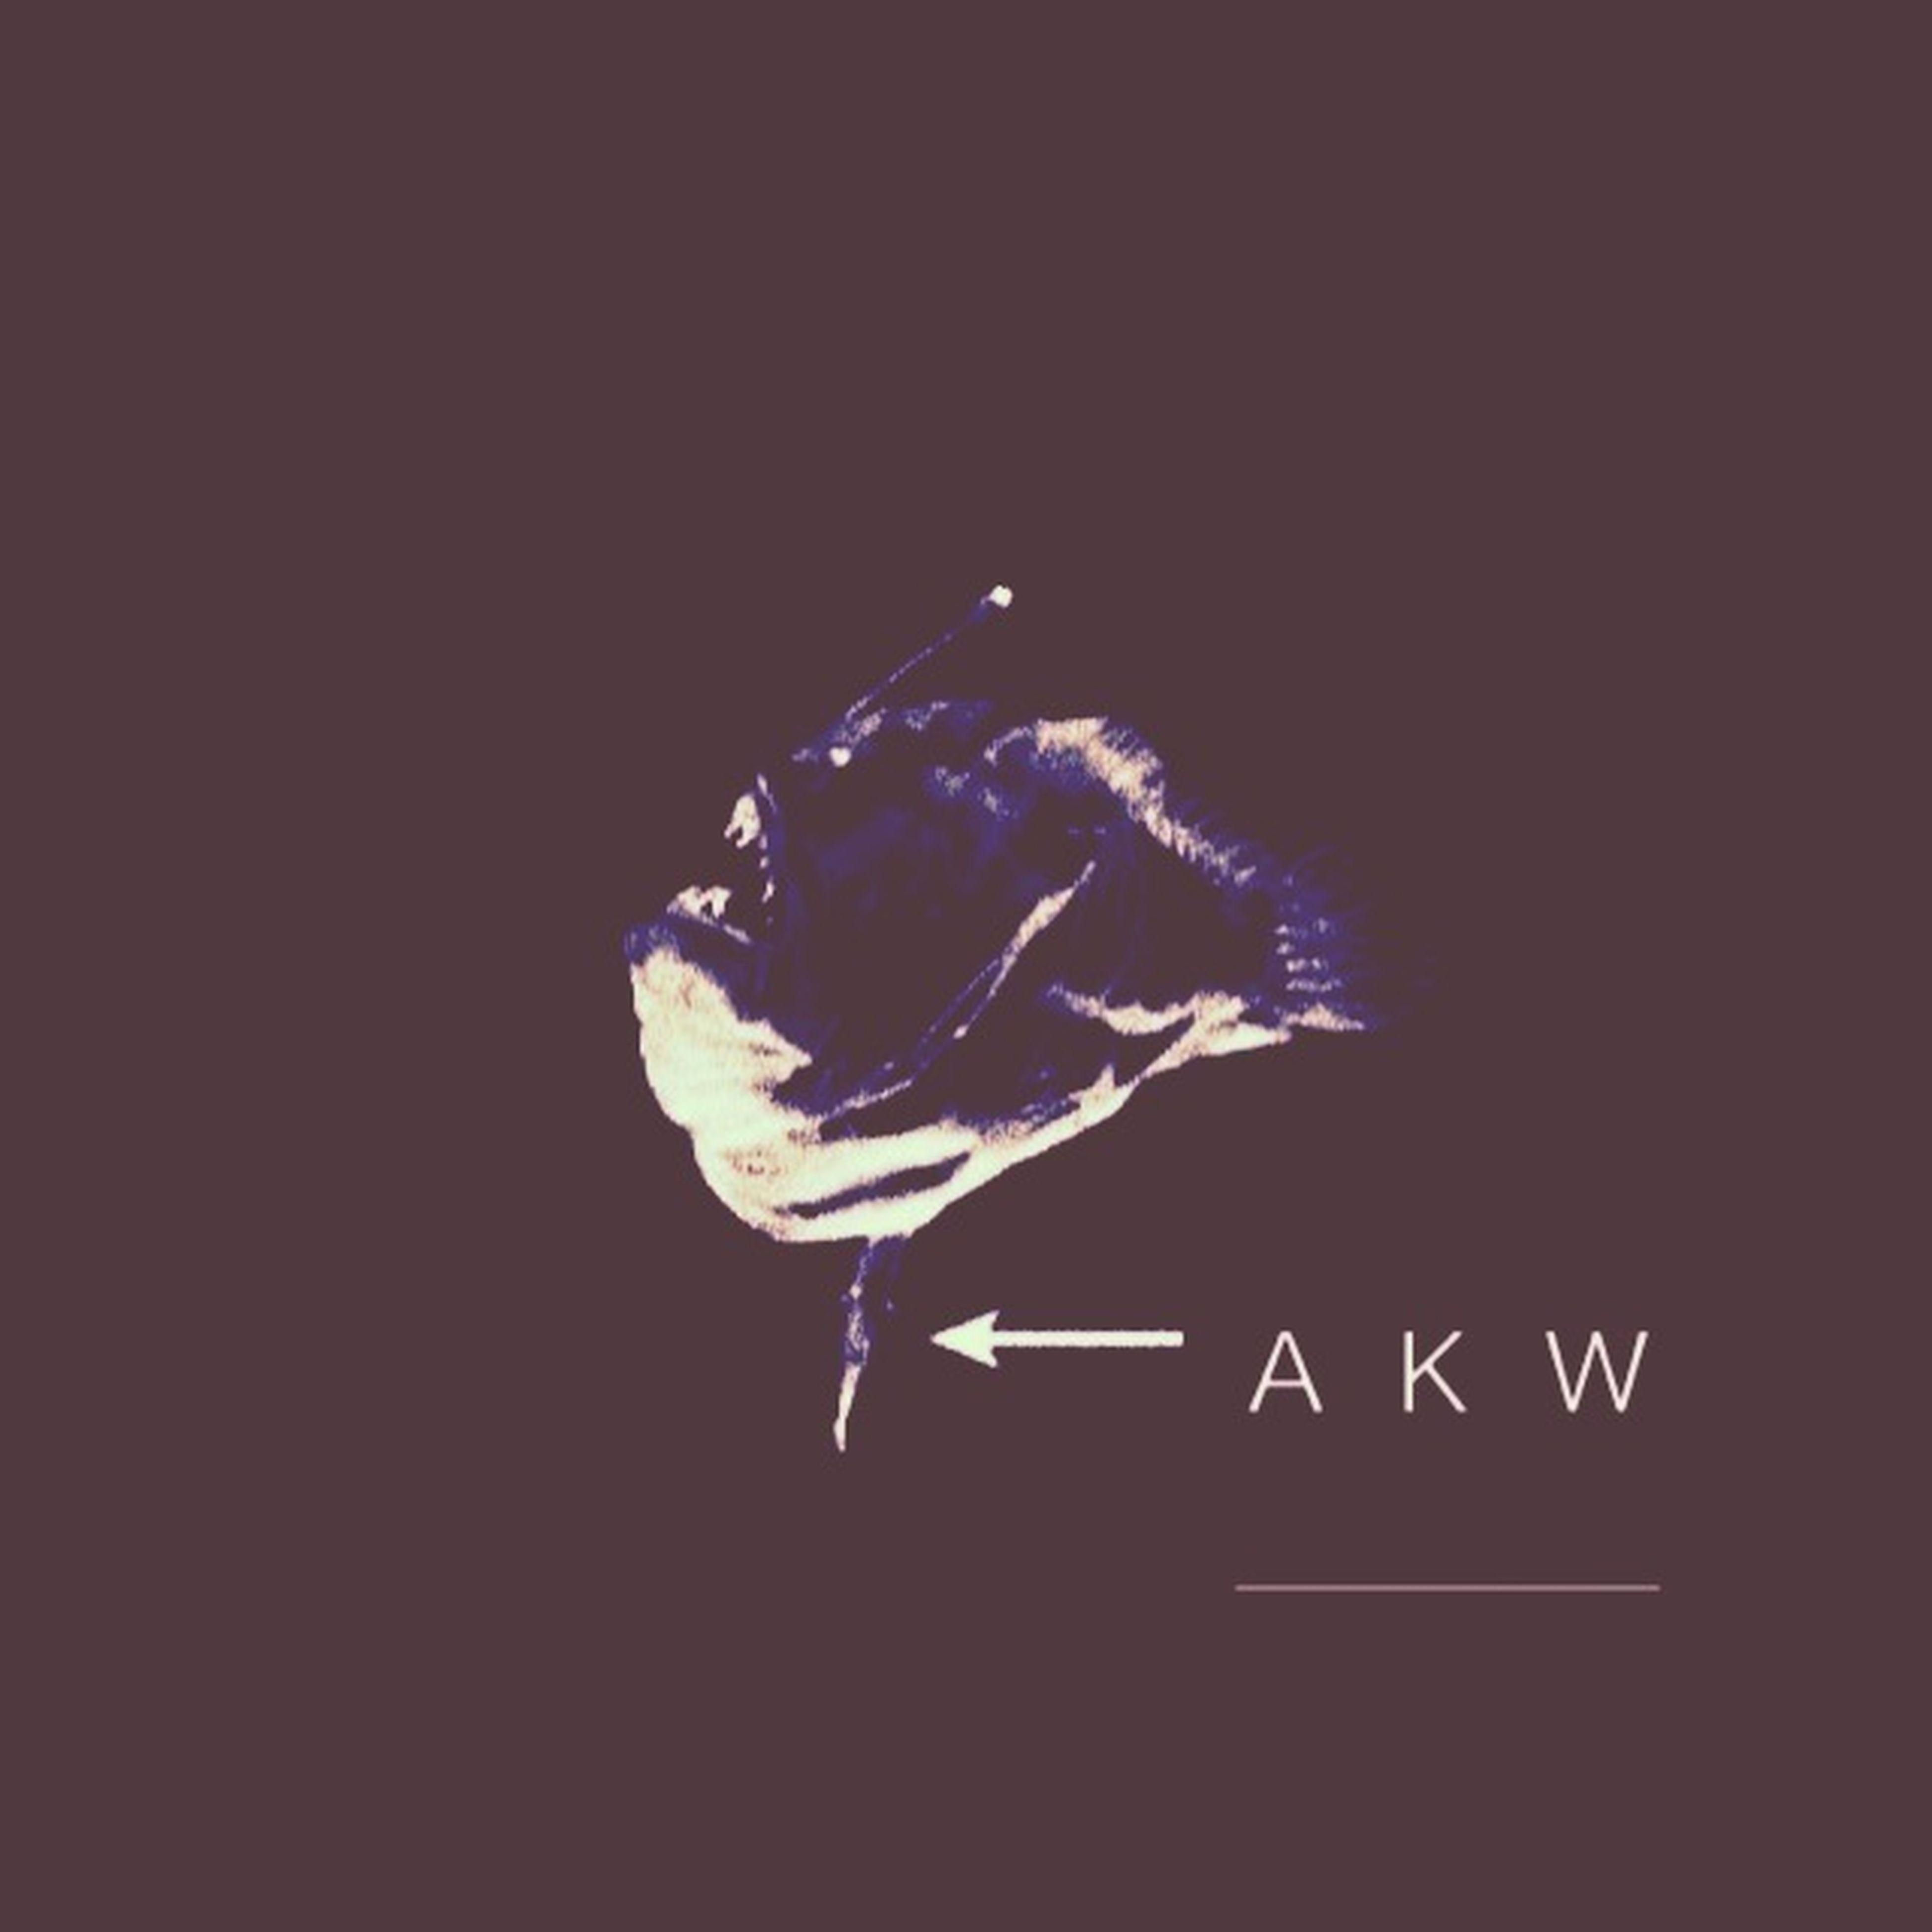 A K W